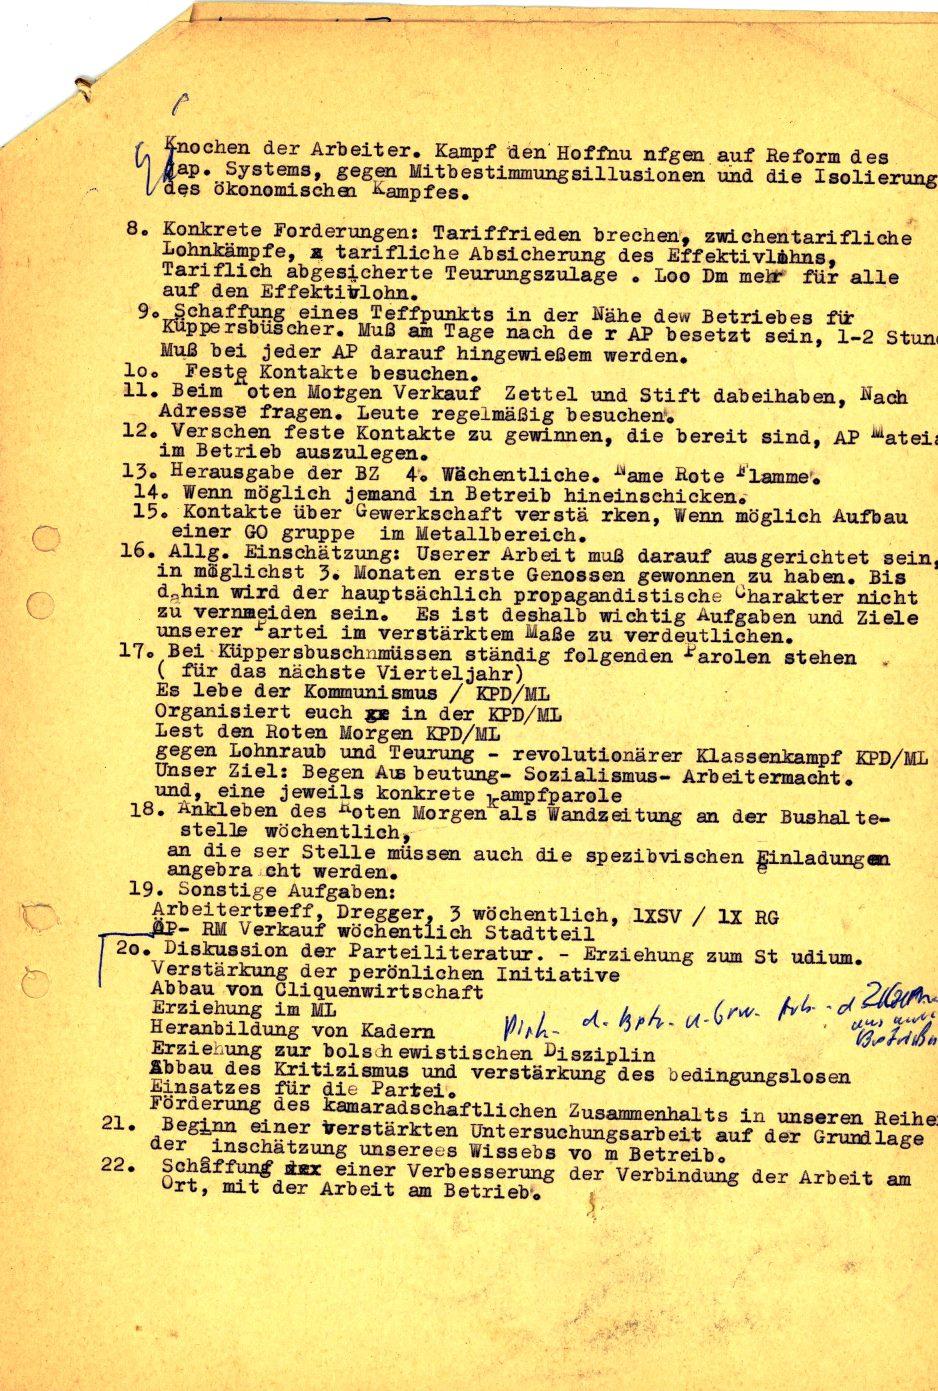 Entwurf_KPD_ML_1973_05